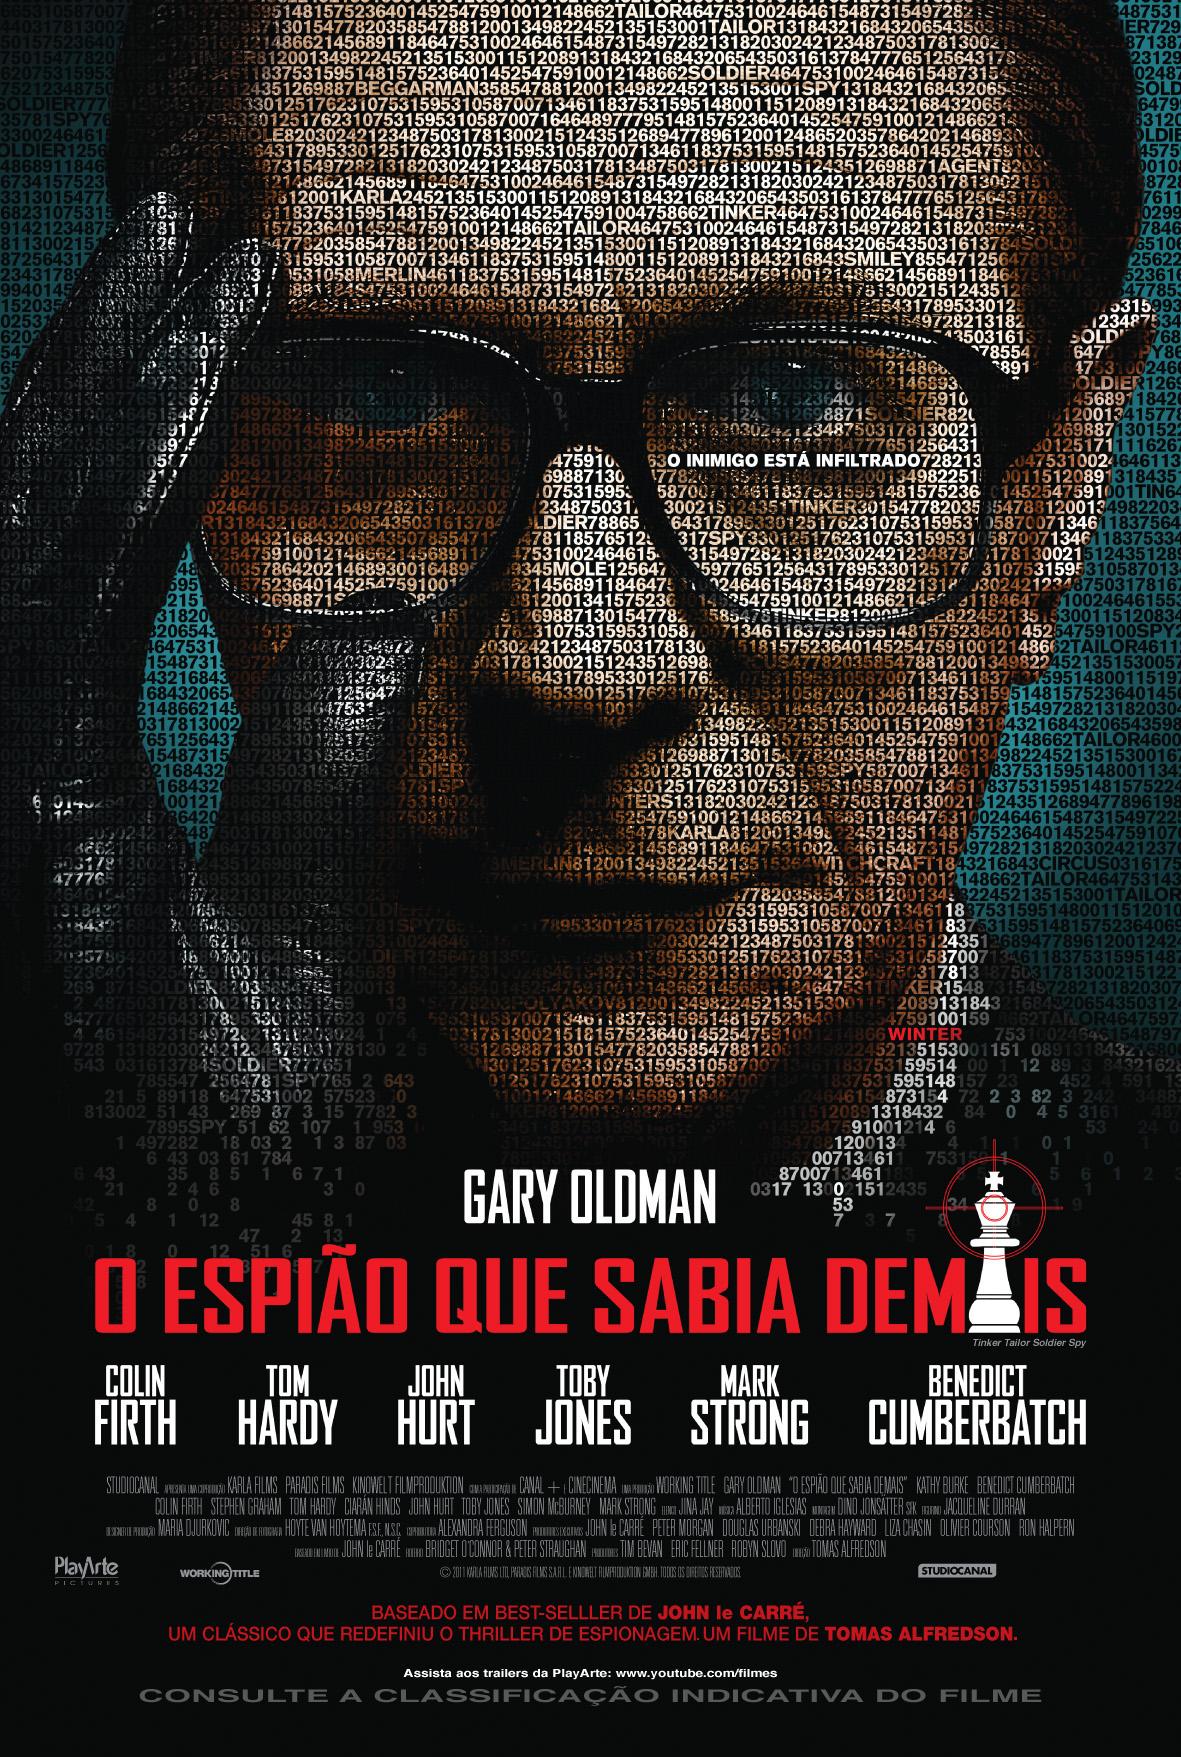 O Espiao Poster